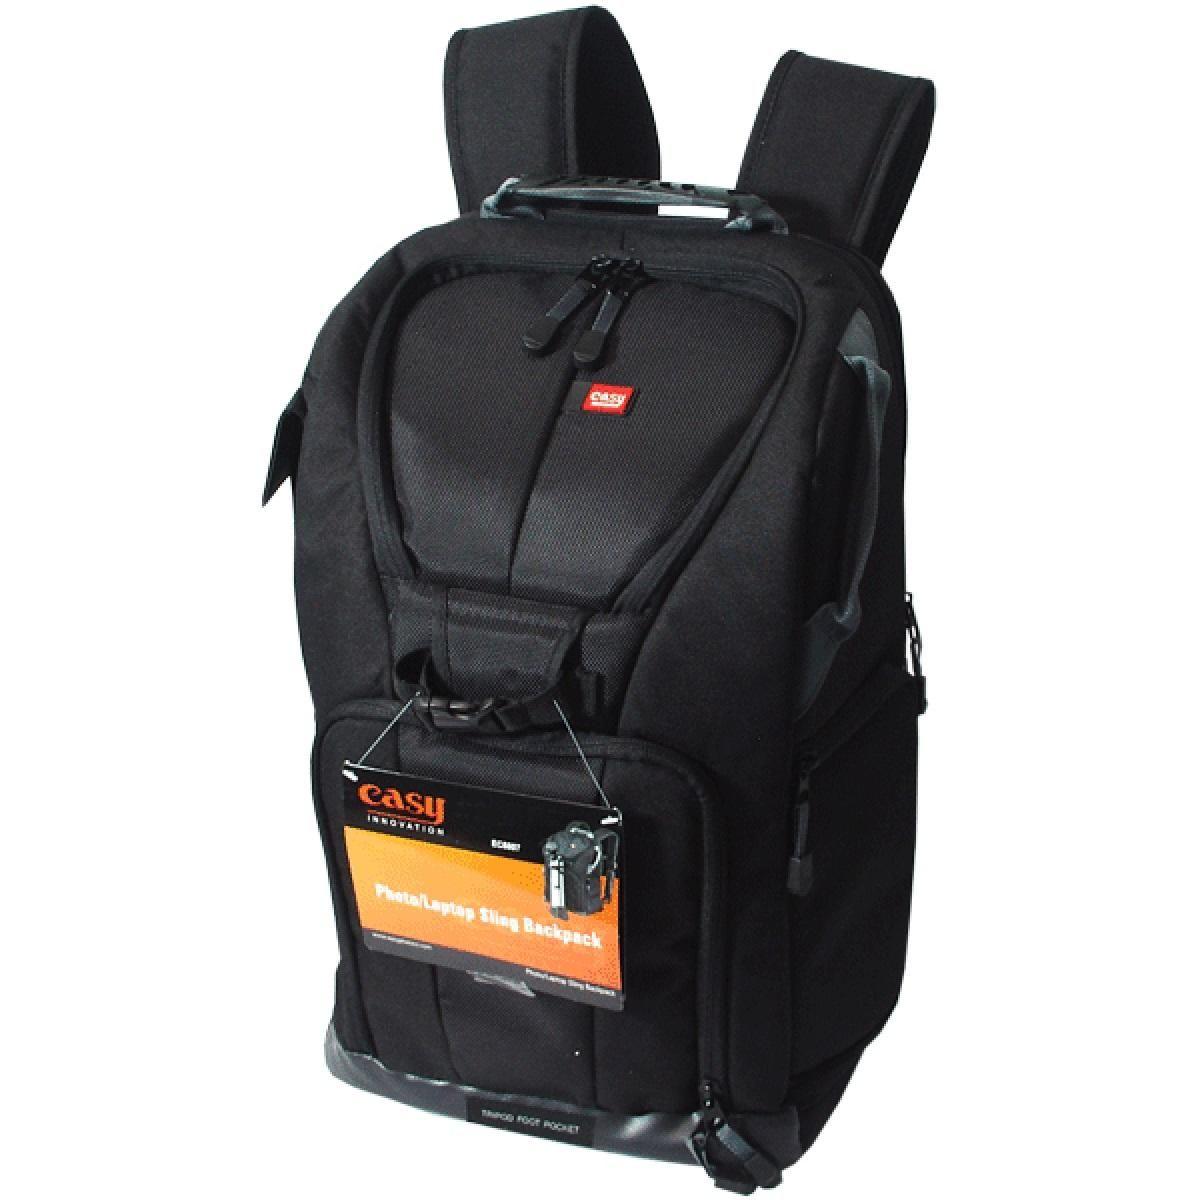 Mochila Fotográfica Easy EC-8807 para Câmera e Acessórios  - Fotolux